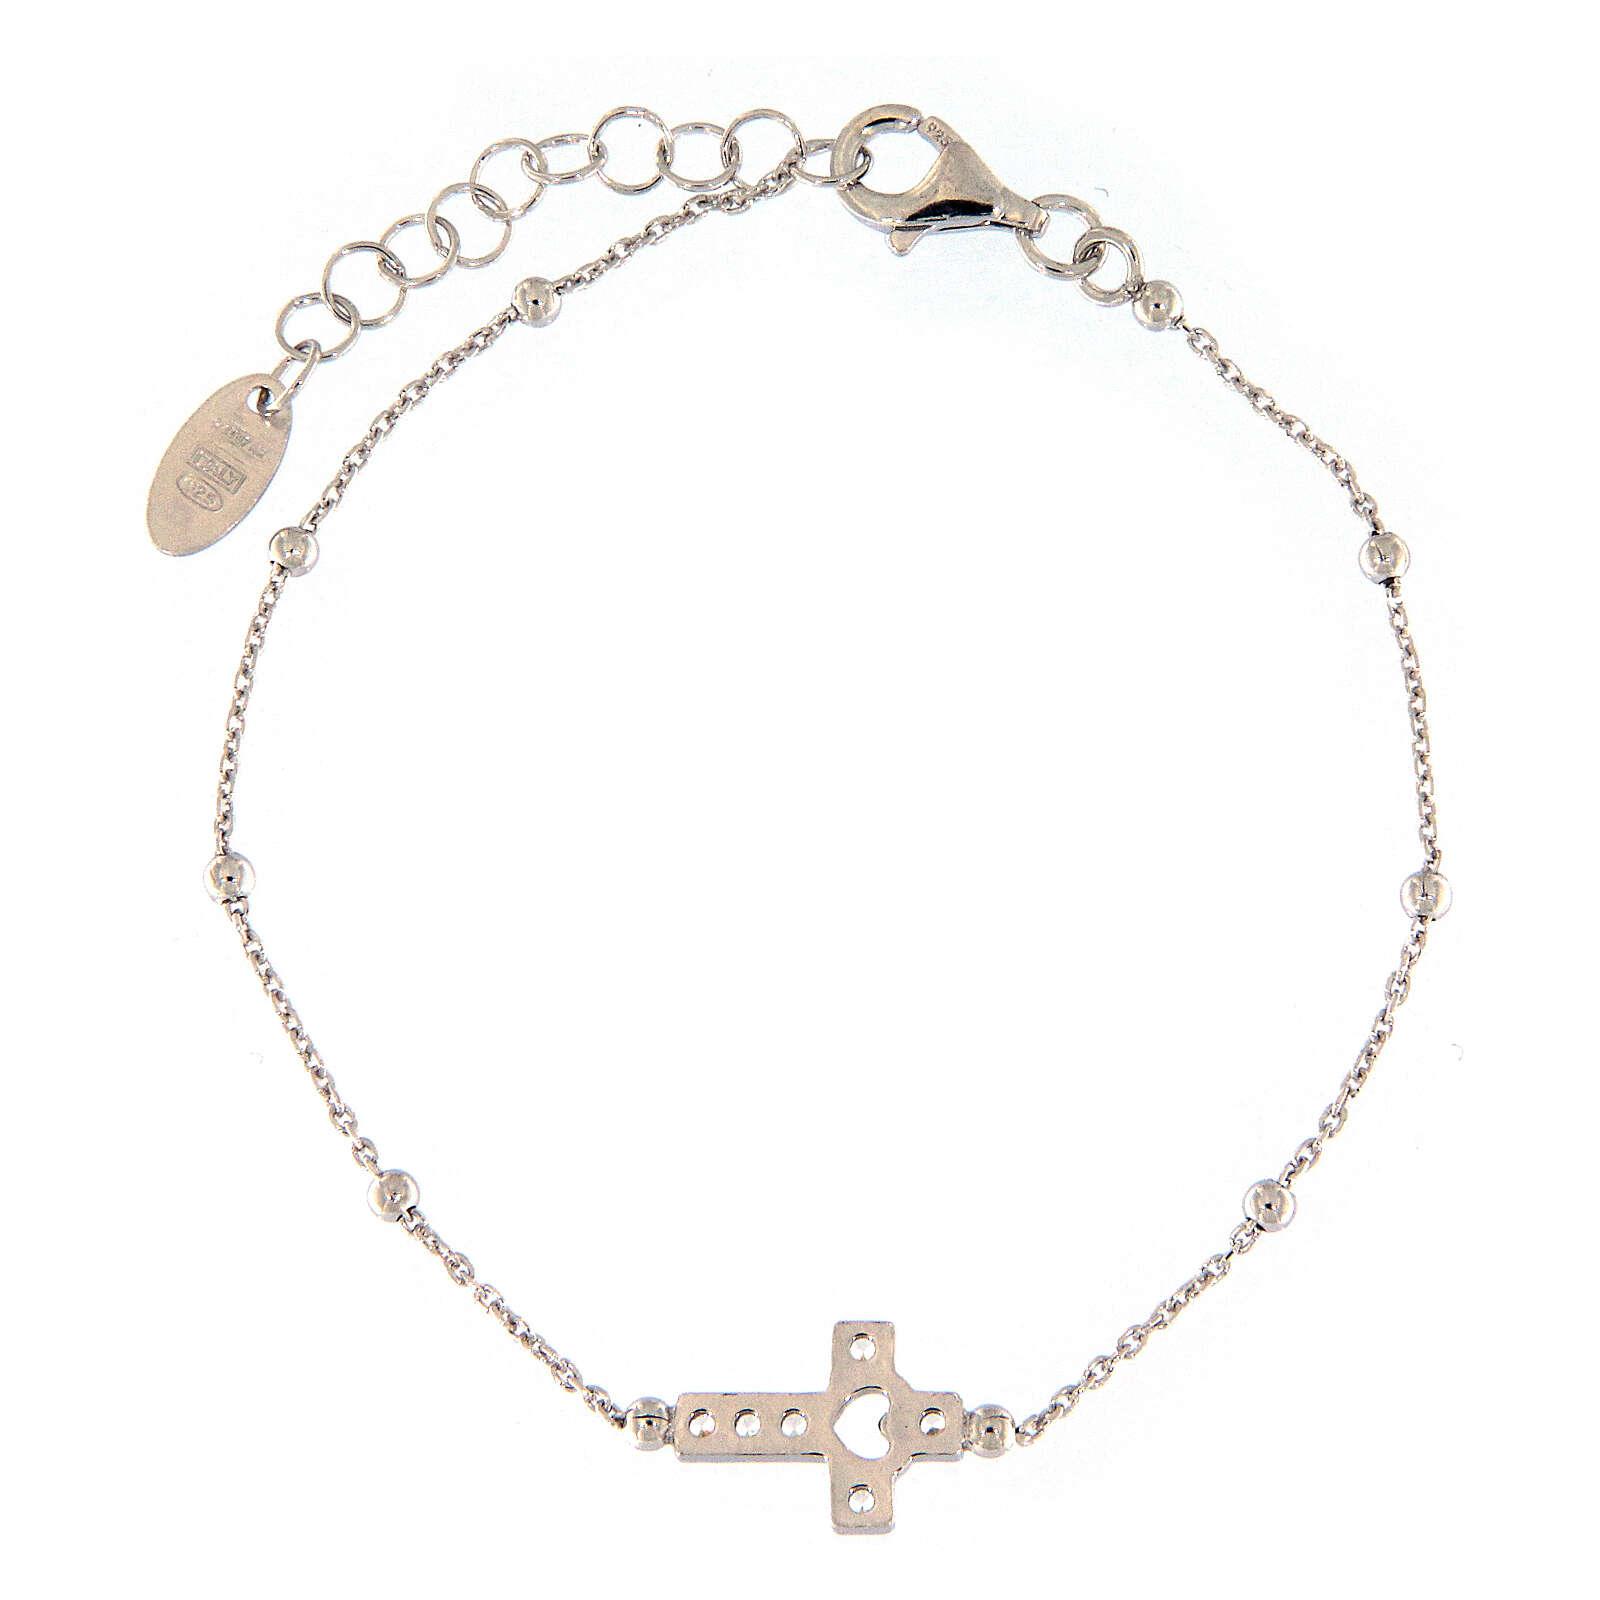 AMEN bracelet in 925 silver with cross white zirconia 4